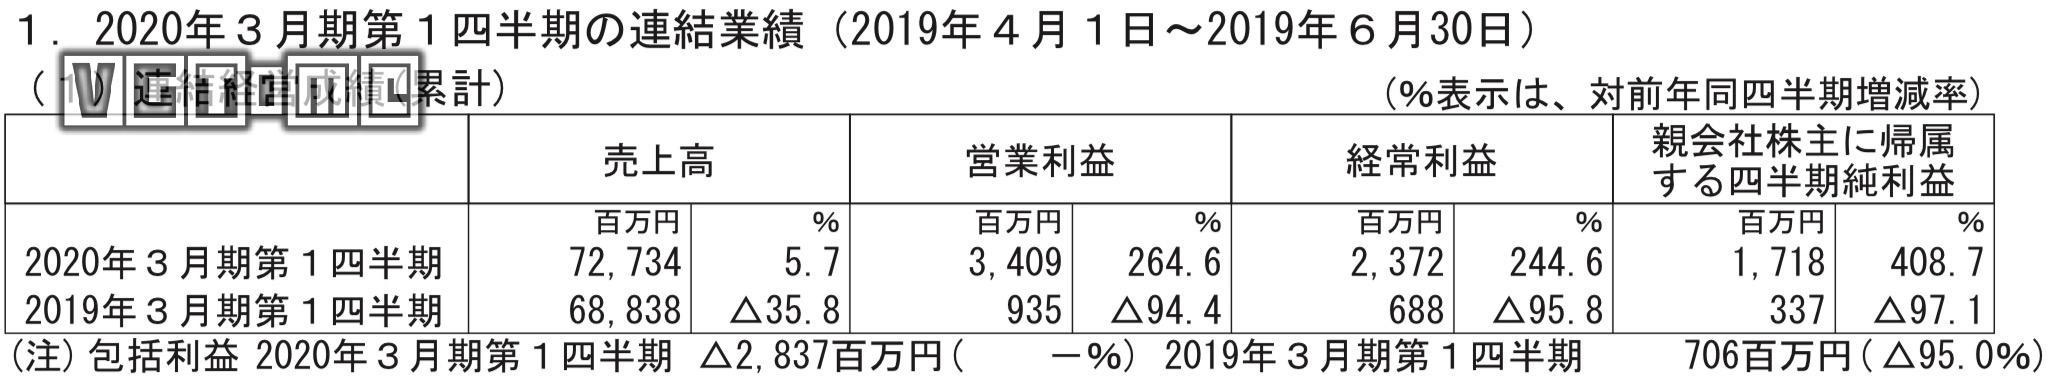 世嘉公布2020Q1財報:營業利潤同比上漲264%